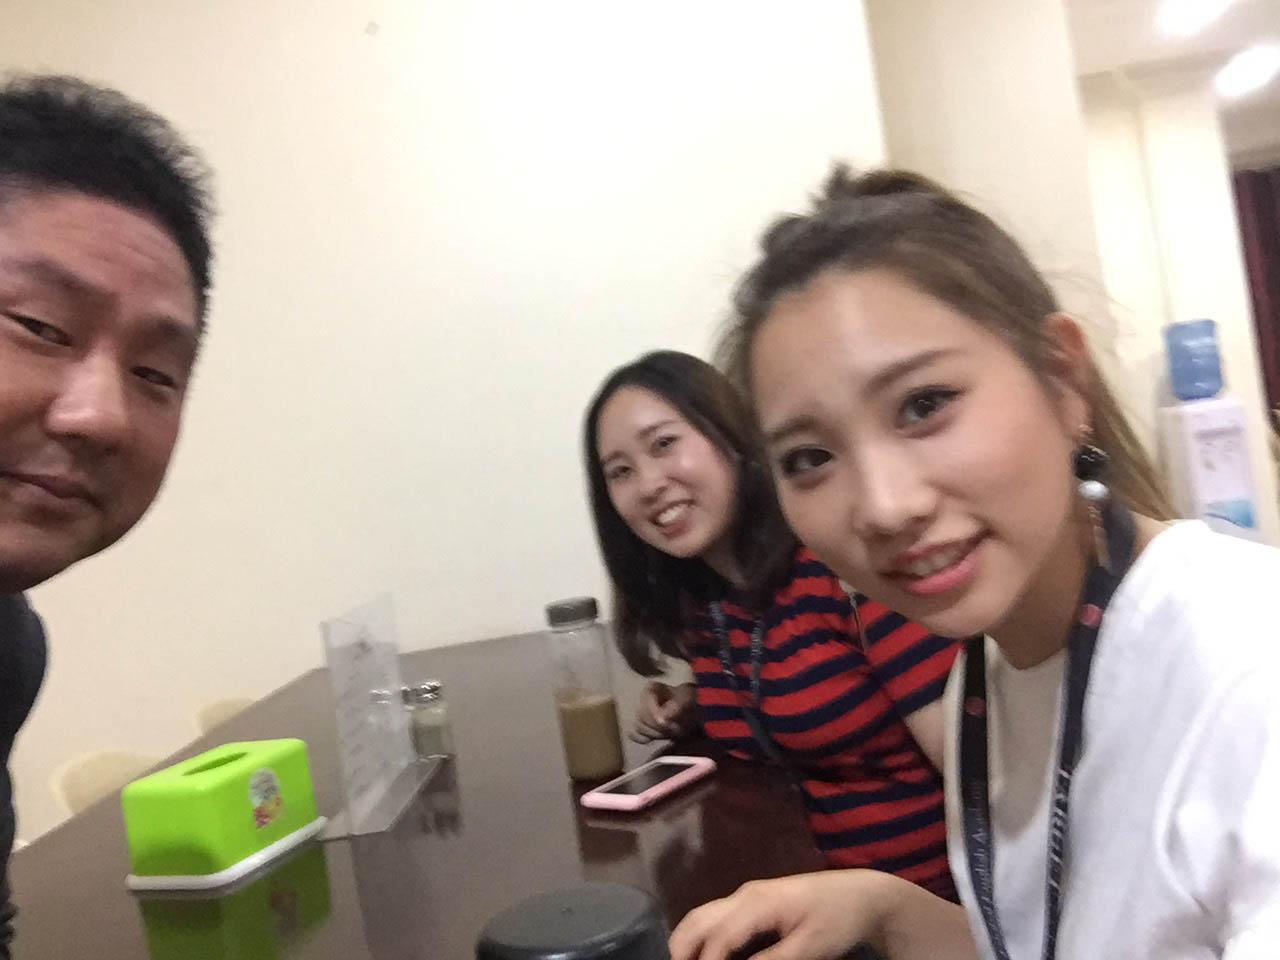 Targetちゅうじょう様留学体験談6